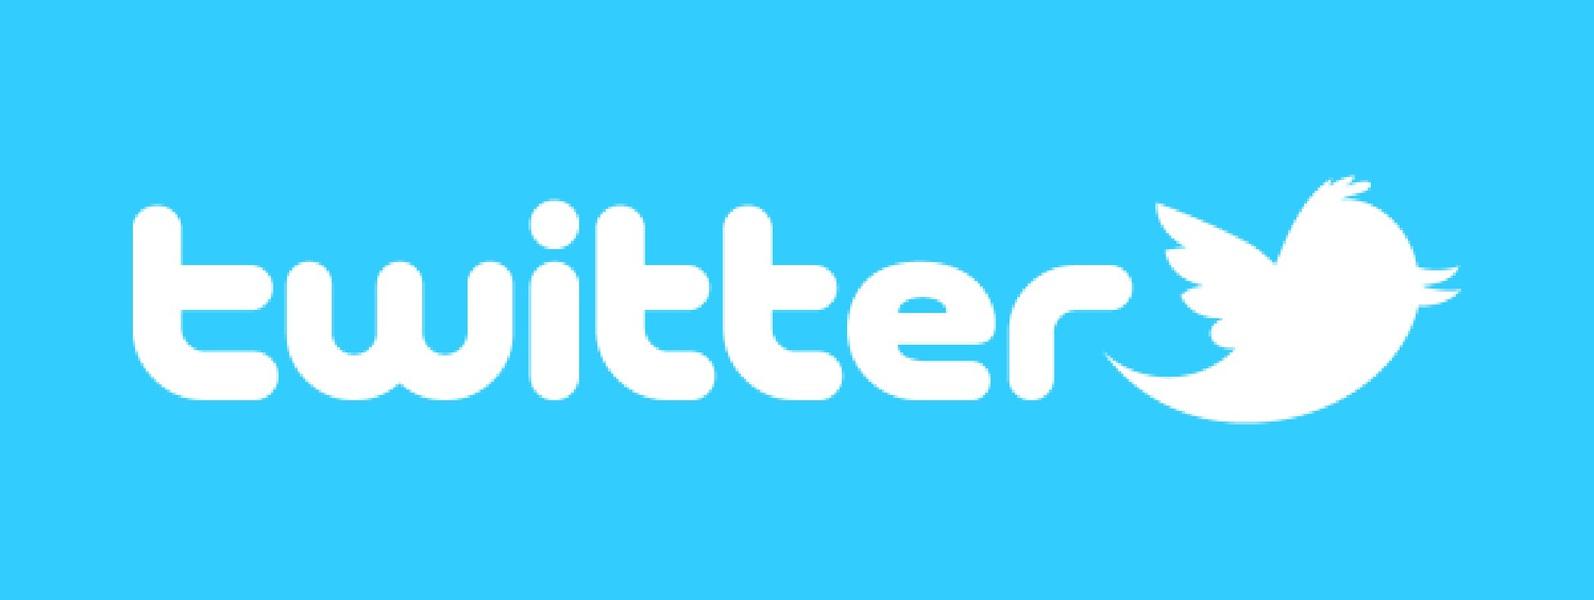 Читать sprostov в Твиттере